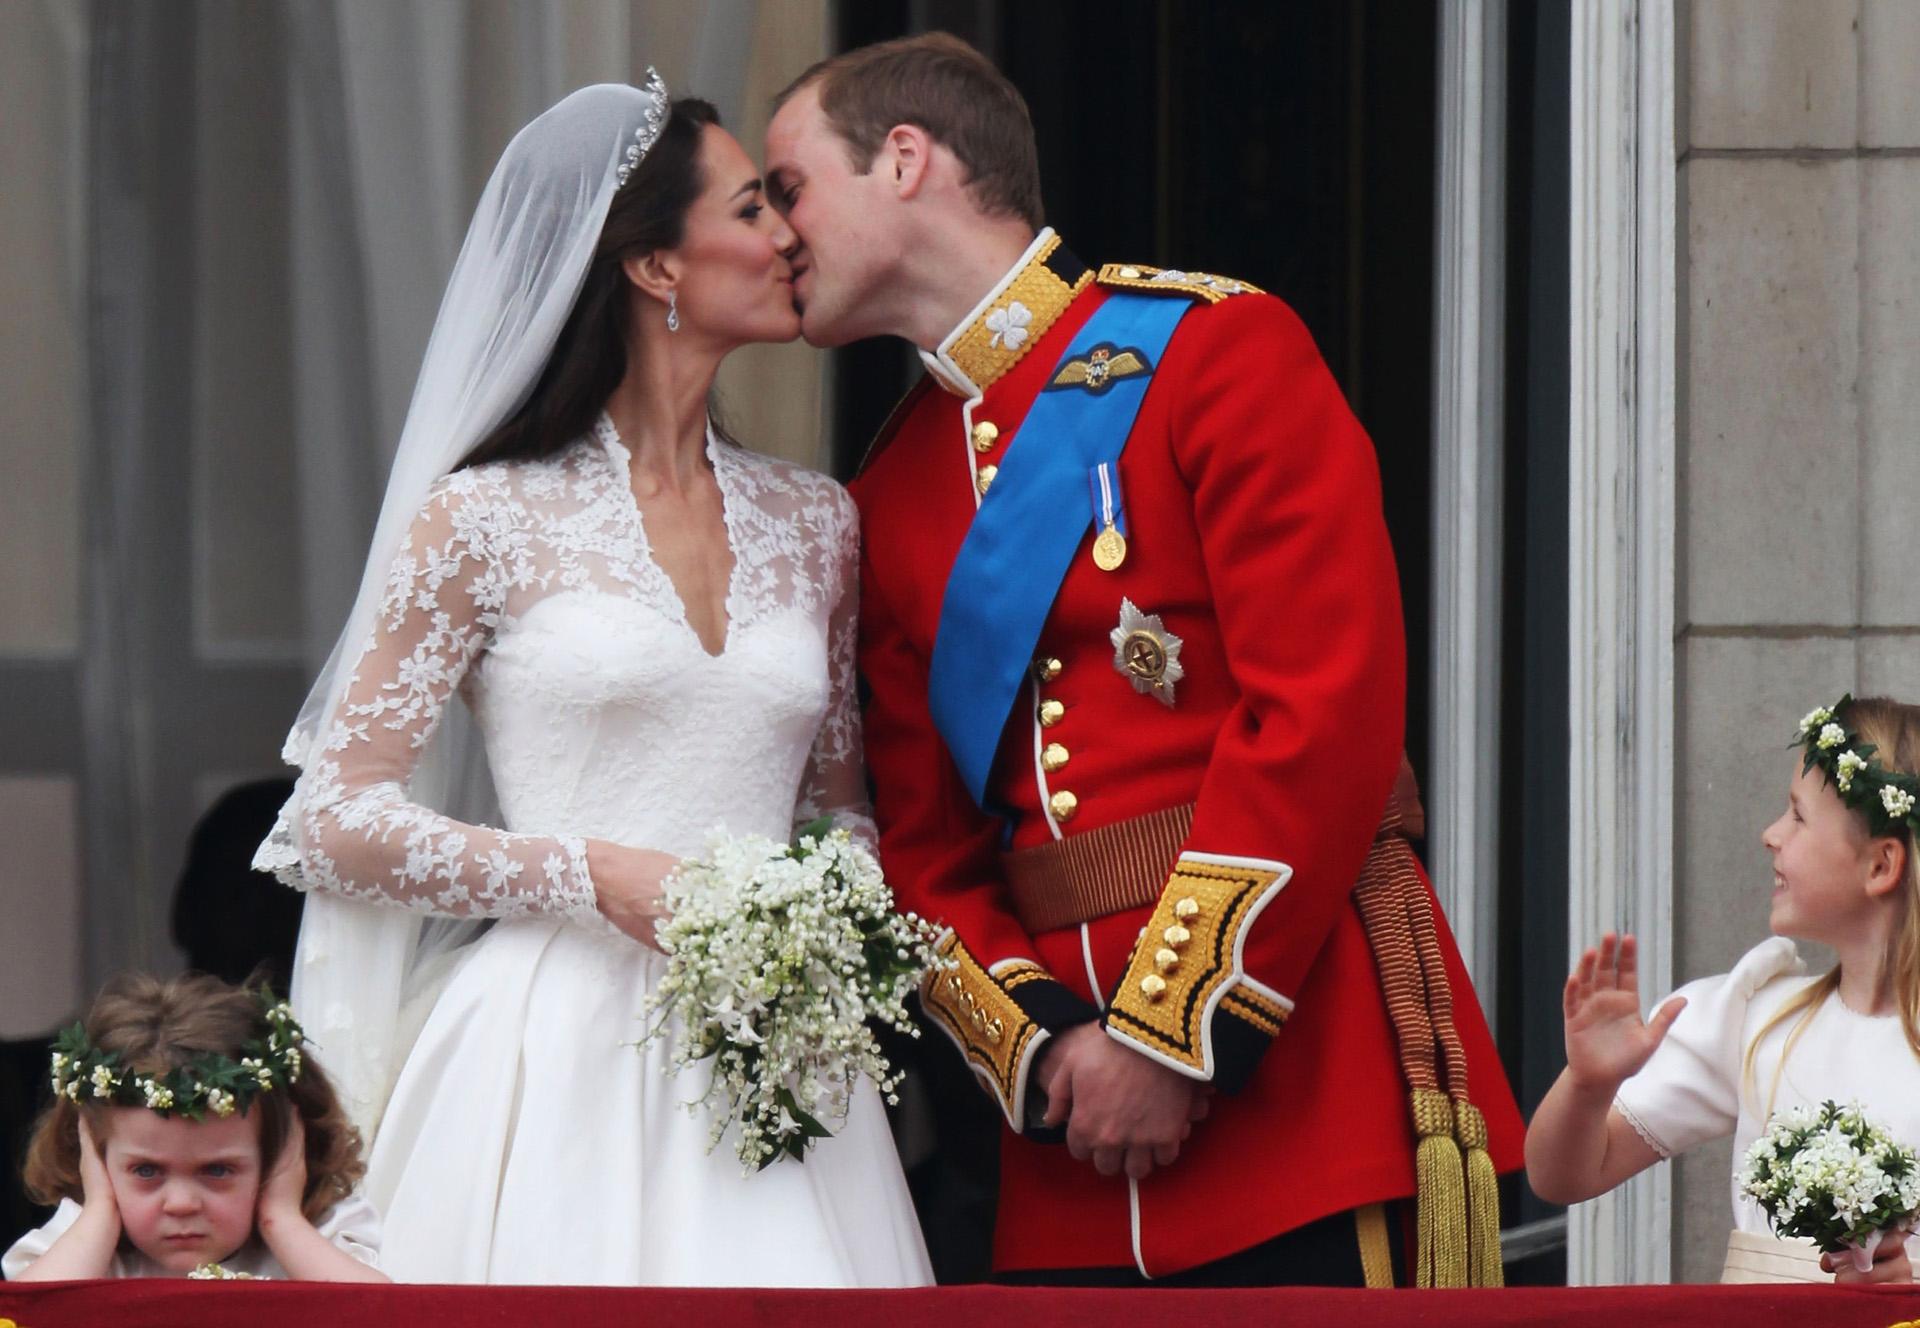 Hoàng tử William trao cho nàng công chúa thường dân Kate một nụ hôn ngọt ngào khi bước ra ban công của điện Buckingham sau lễ cưới ngày 29/4/2011. 1.900 khách đã được mời đến dự lễ cưới và khoảng 600 người được mời đến dự buổi tiệc được Nữ hoàng chủ trì. Sau 10 năm gắn bó, cặp đôi có với nhau 3 người con, Hoàng tử George (7 tuổi) và Công chúa Charlotte (6 tuổi), Hoàng tử Louis tròn lên 3 vài ngày trước.